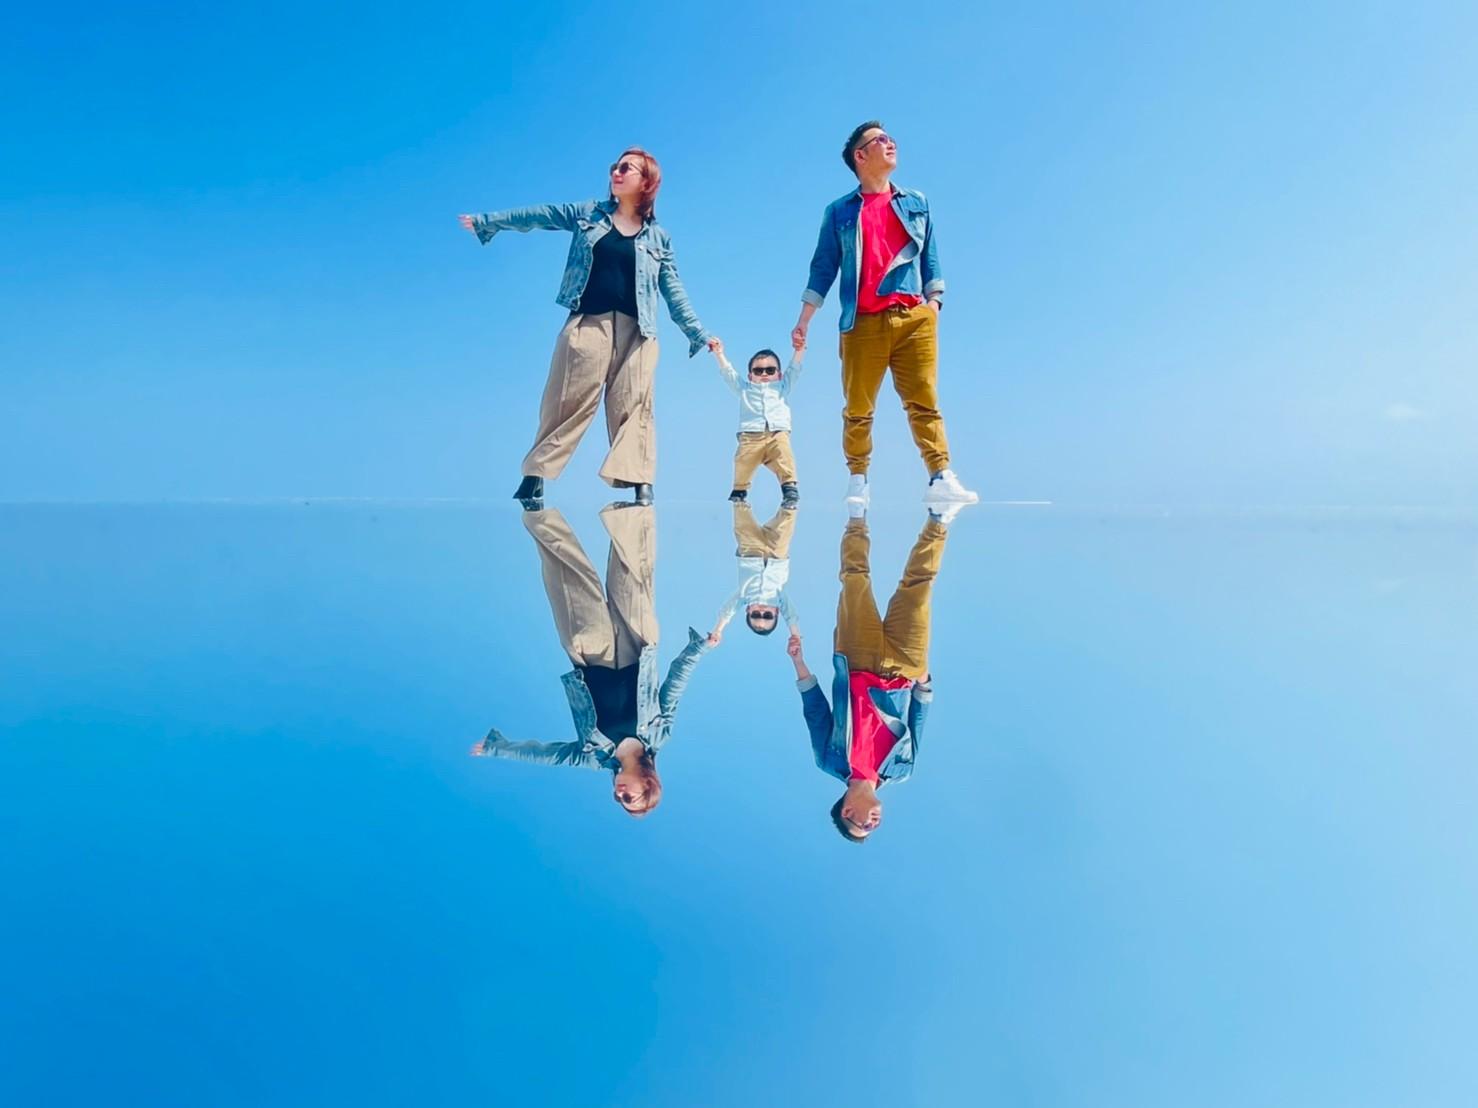 與藍天共舞天空之鏡 台版天空之鏡景點在這,免出國也能拍美照!